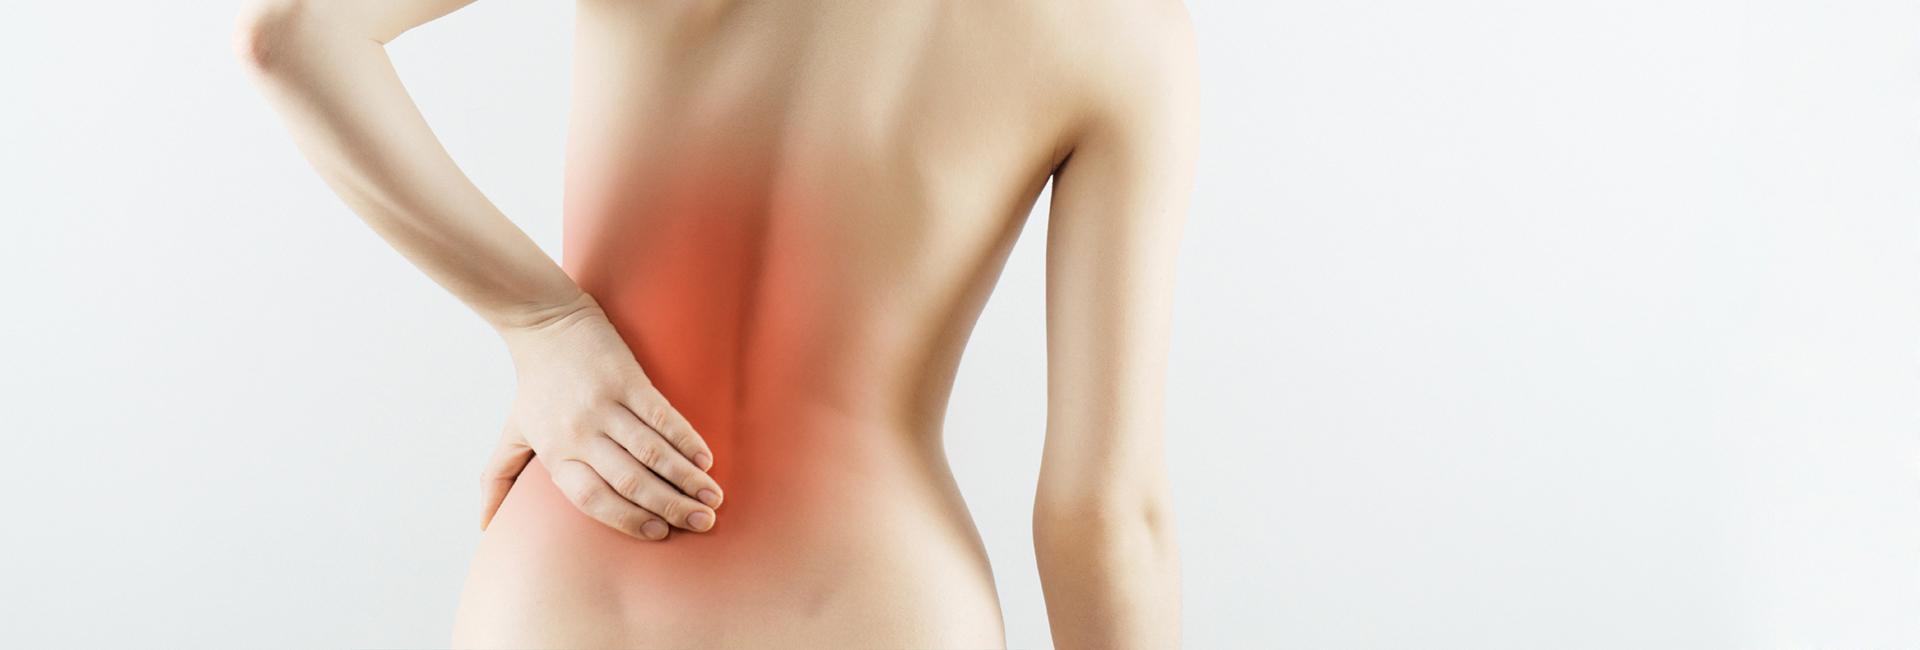 Hacemos tratamiento de osteopatía y fisioterapia para los dolores de espalda